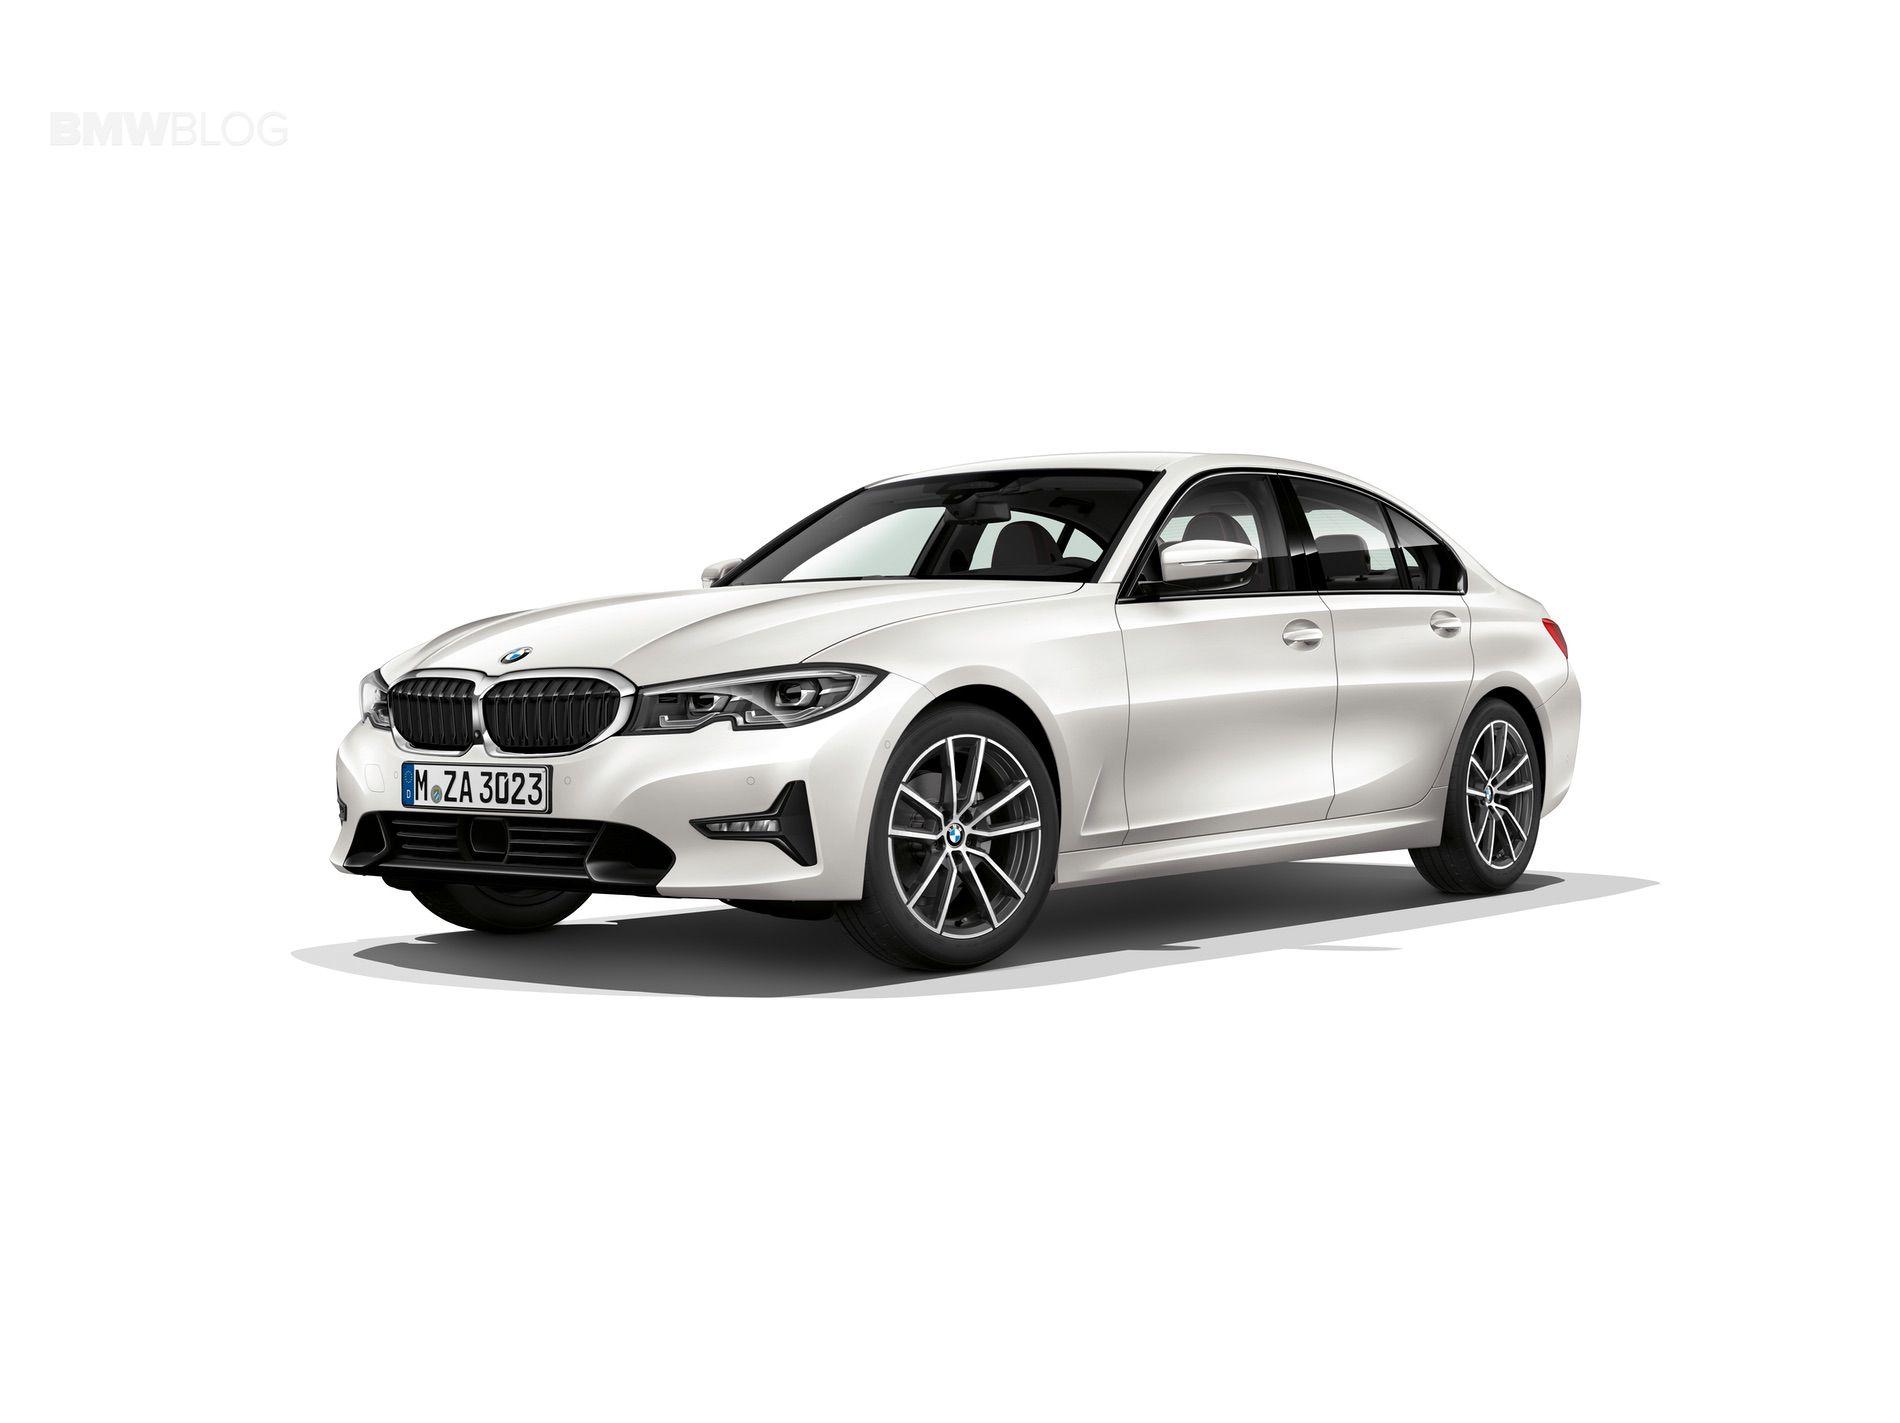 2019 BMW 330e G20 hybrid 01